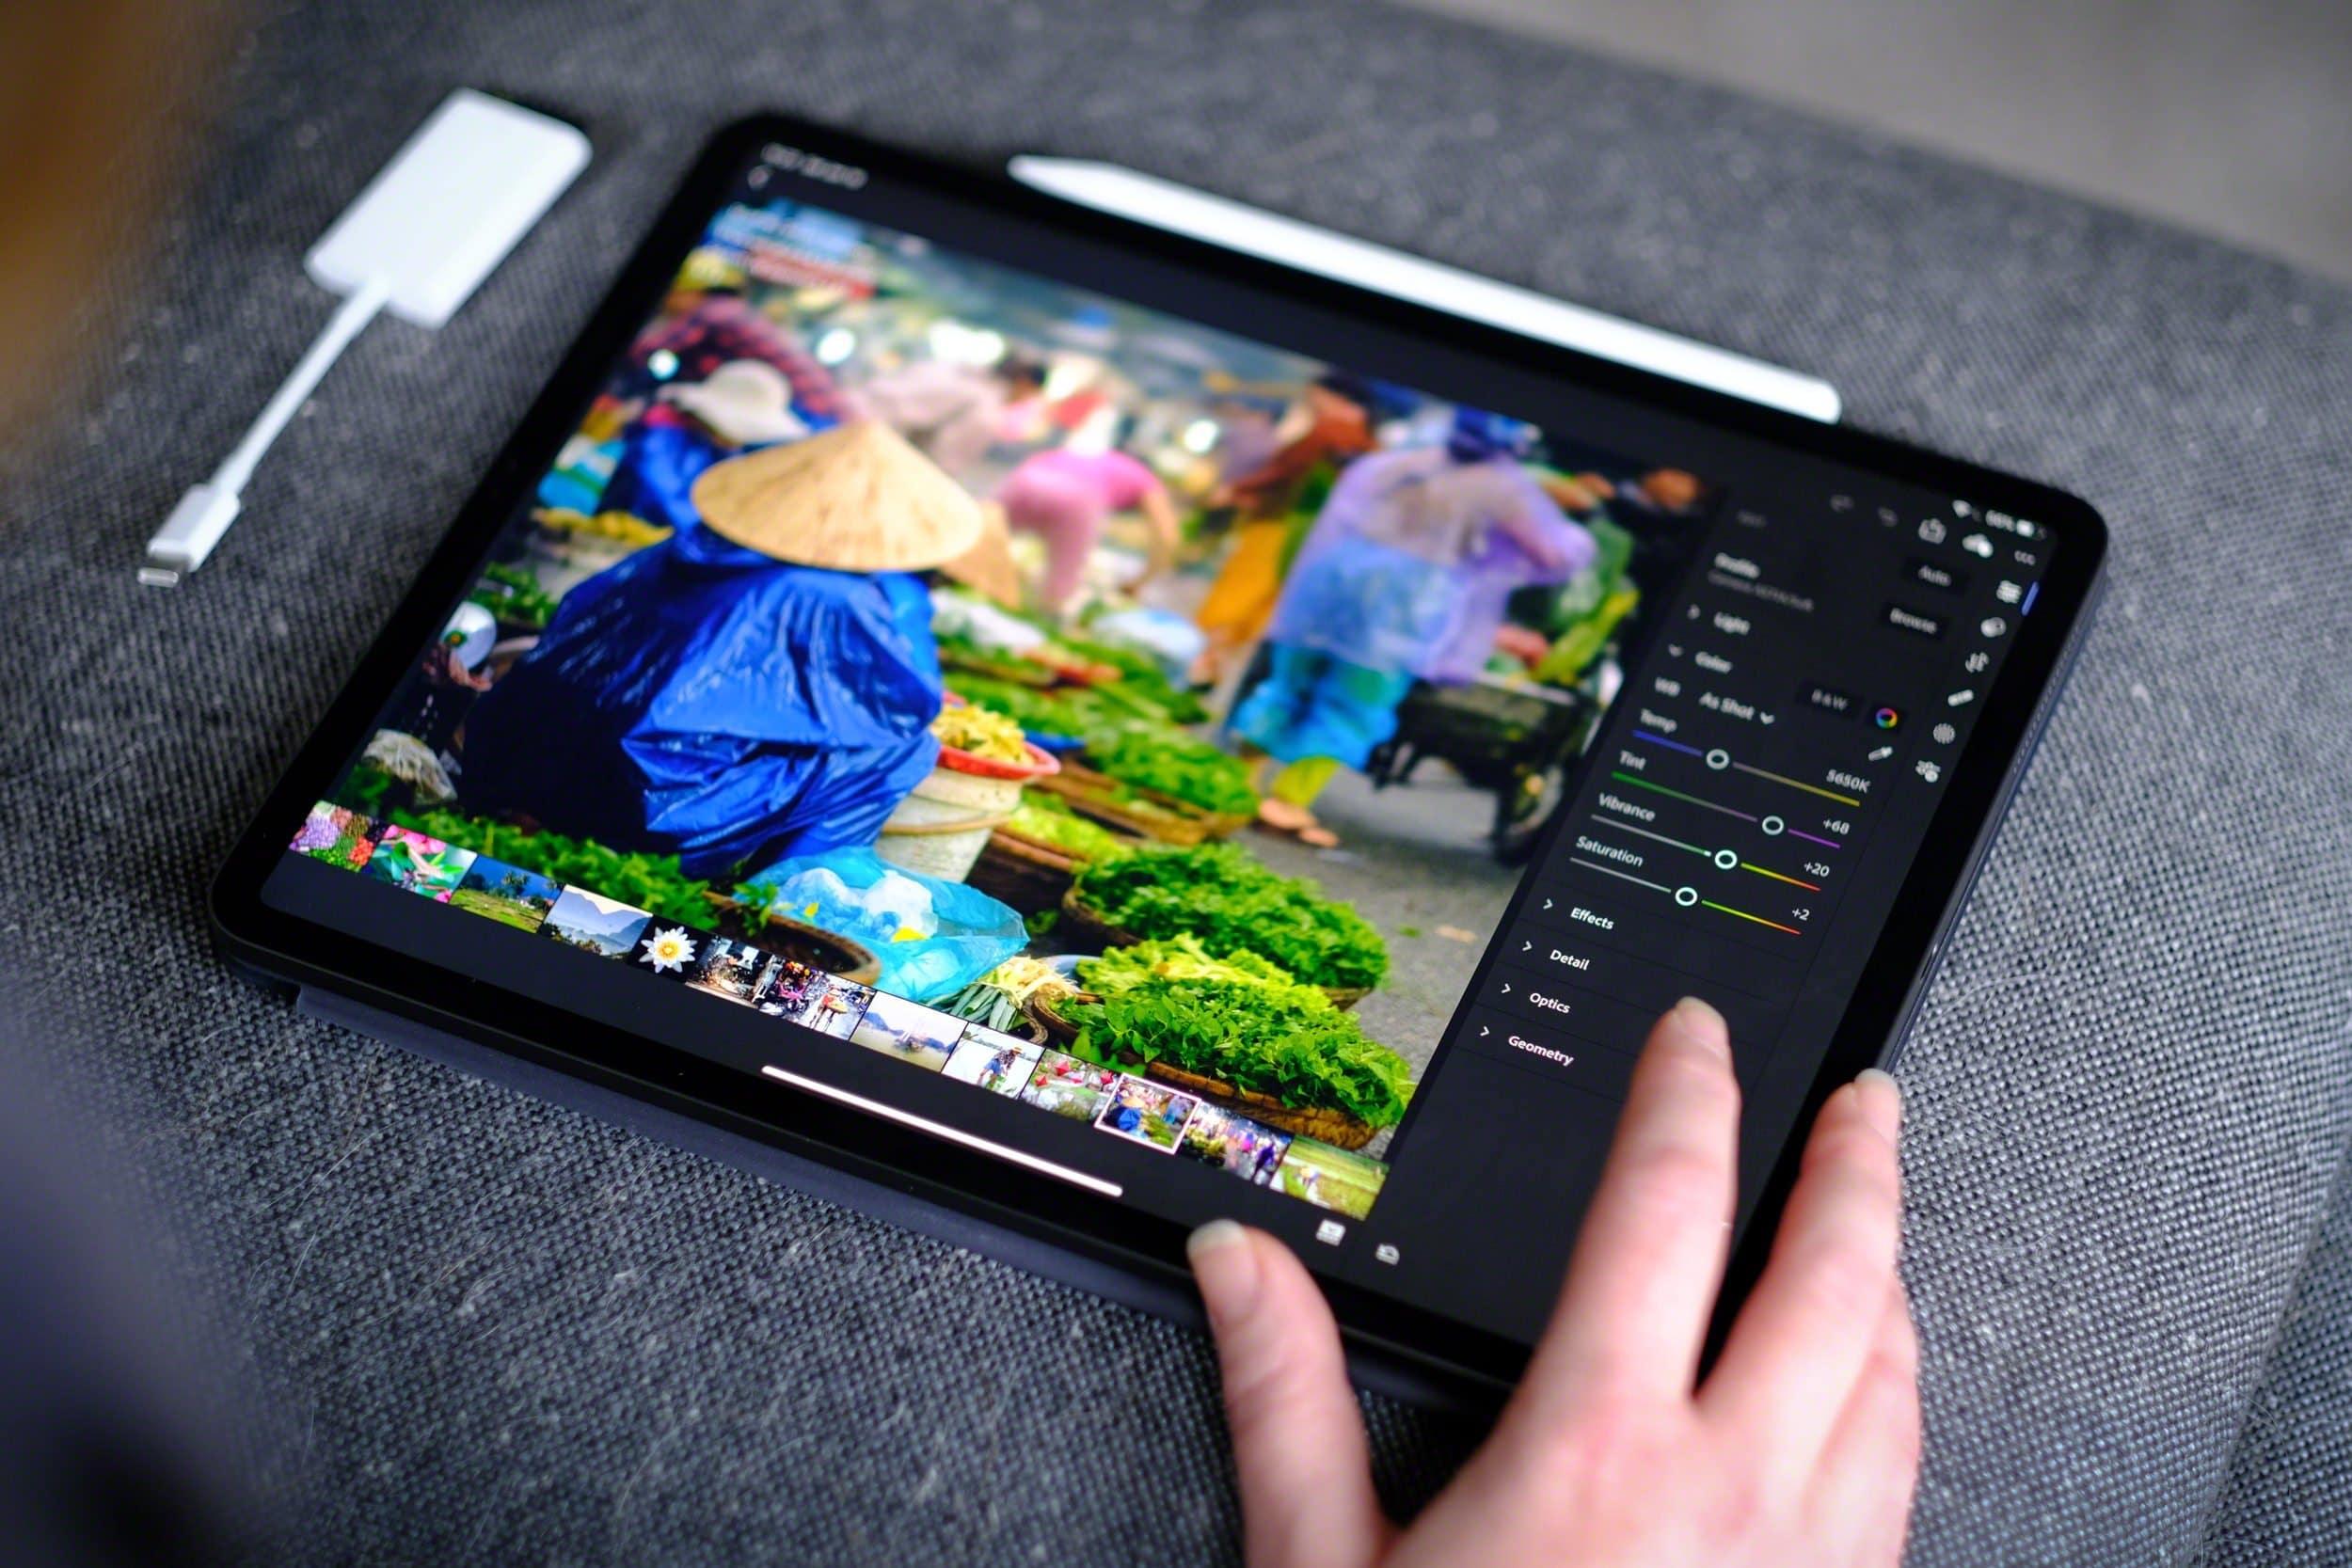 Võõrandunud liider Apple jätkab tahvelarvutite turul võitlust